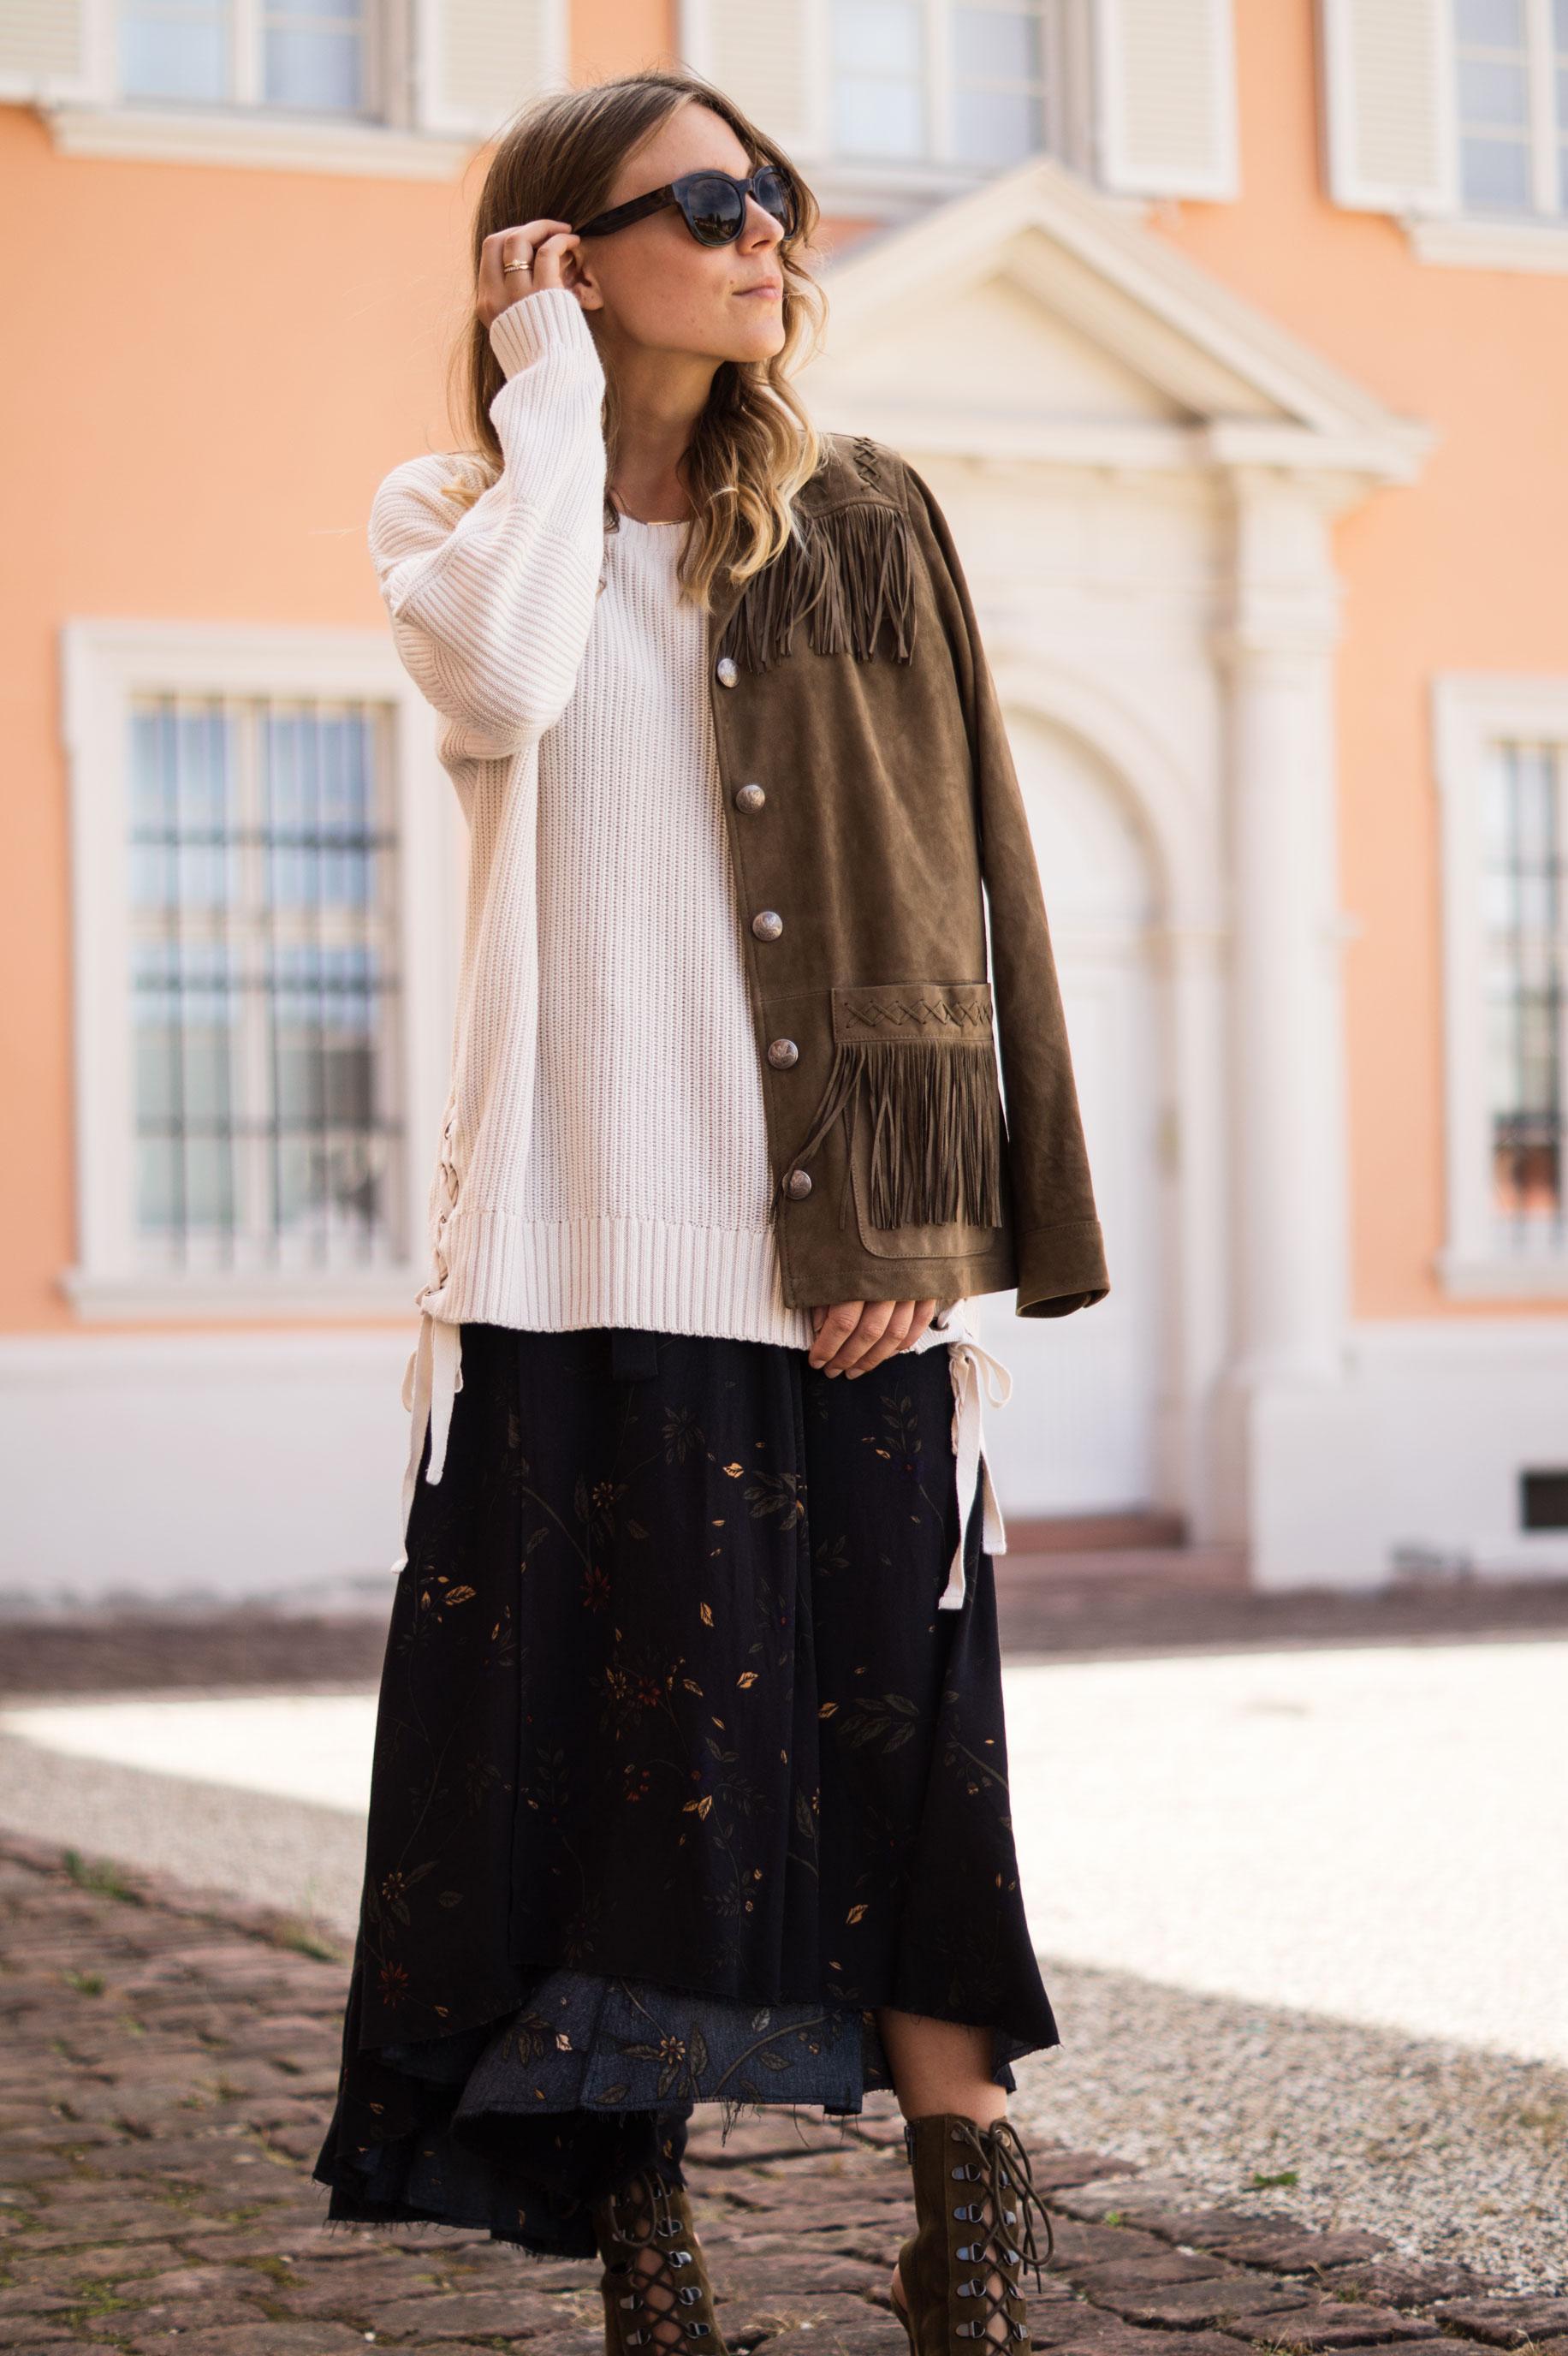 Fall Layers Herbstlook Fransenjacke Wildlederjacke Lace Up Heels Sariety Sarah Schaefer Modeblog Heidelberg_12